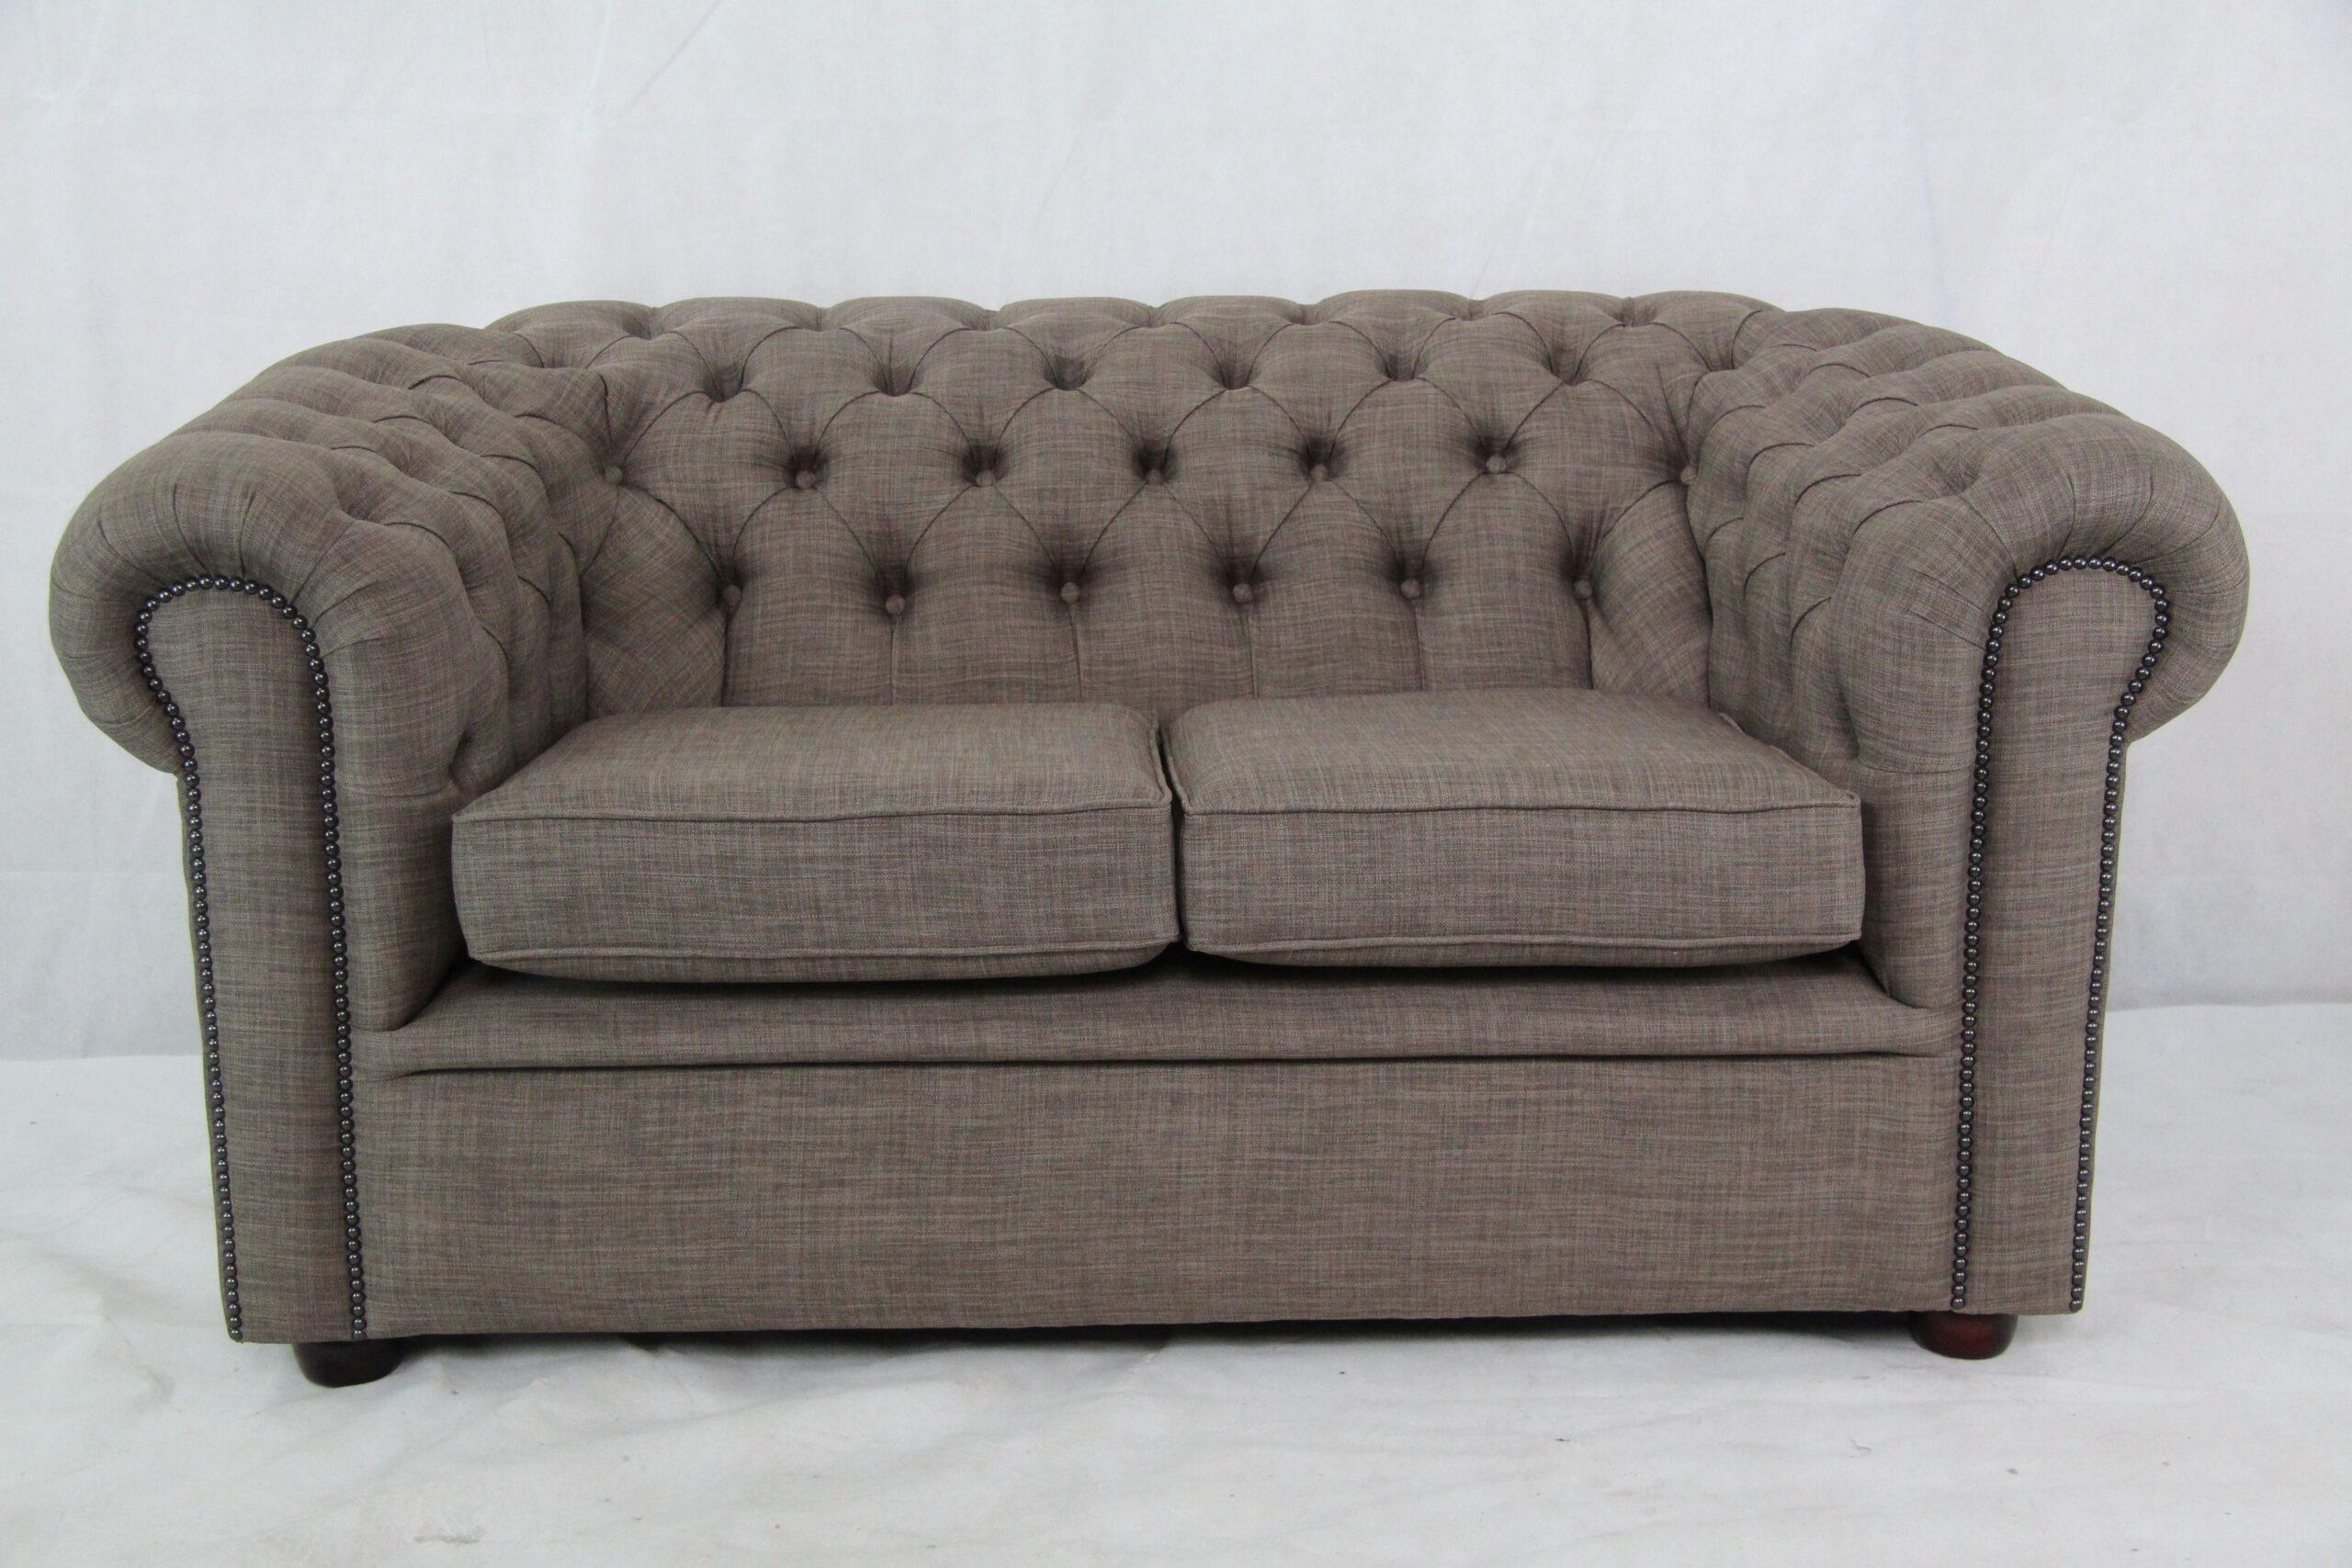 Full Size of Original Britisches Stoffsofa Stoff Couch Zweisitzer Ledersofa Weißes Sofa Kolonialstil Ewald Schillig Big Sam Englisches Jugendzimmer Kleines Wohnzimmer Sofa Sofa Englisch